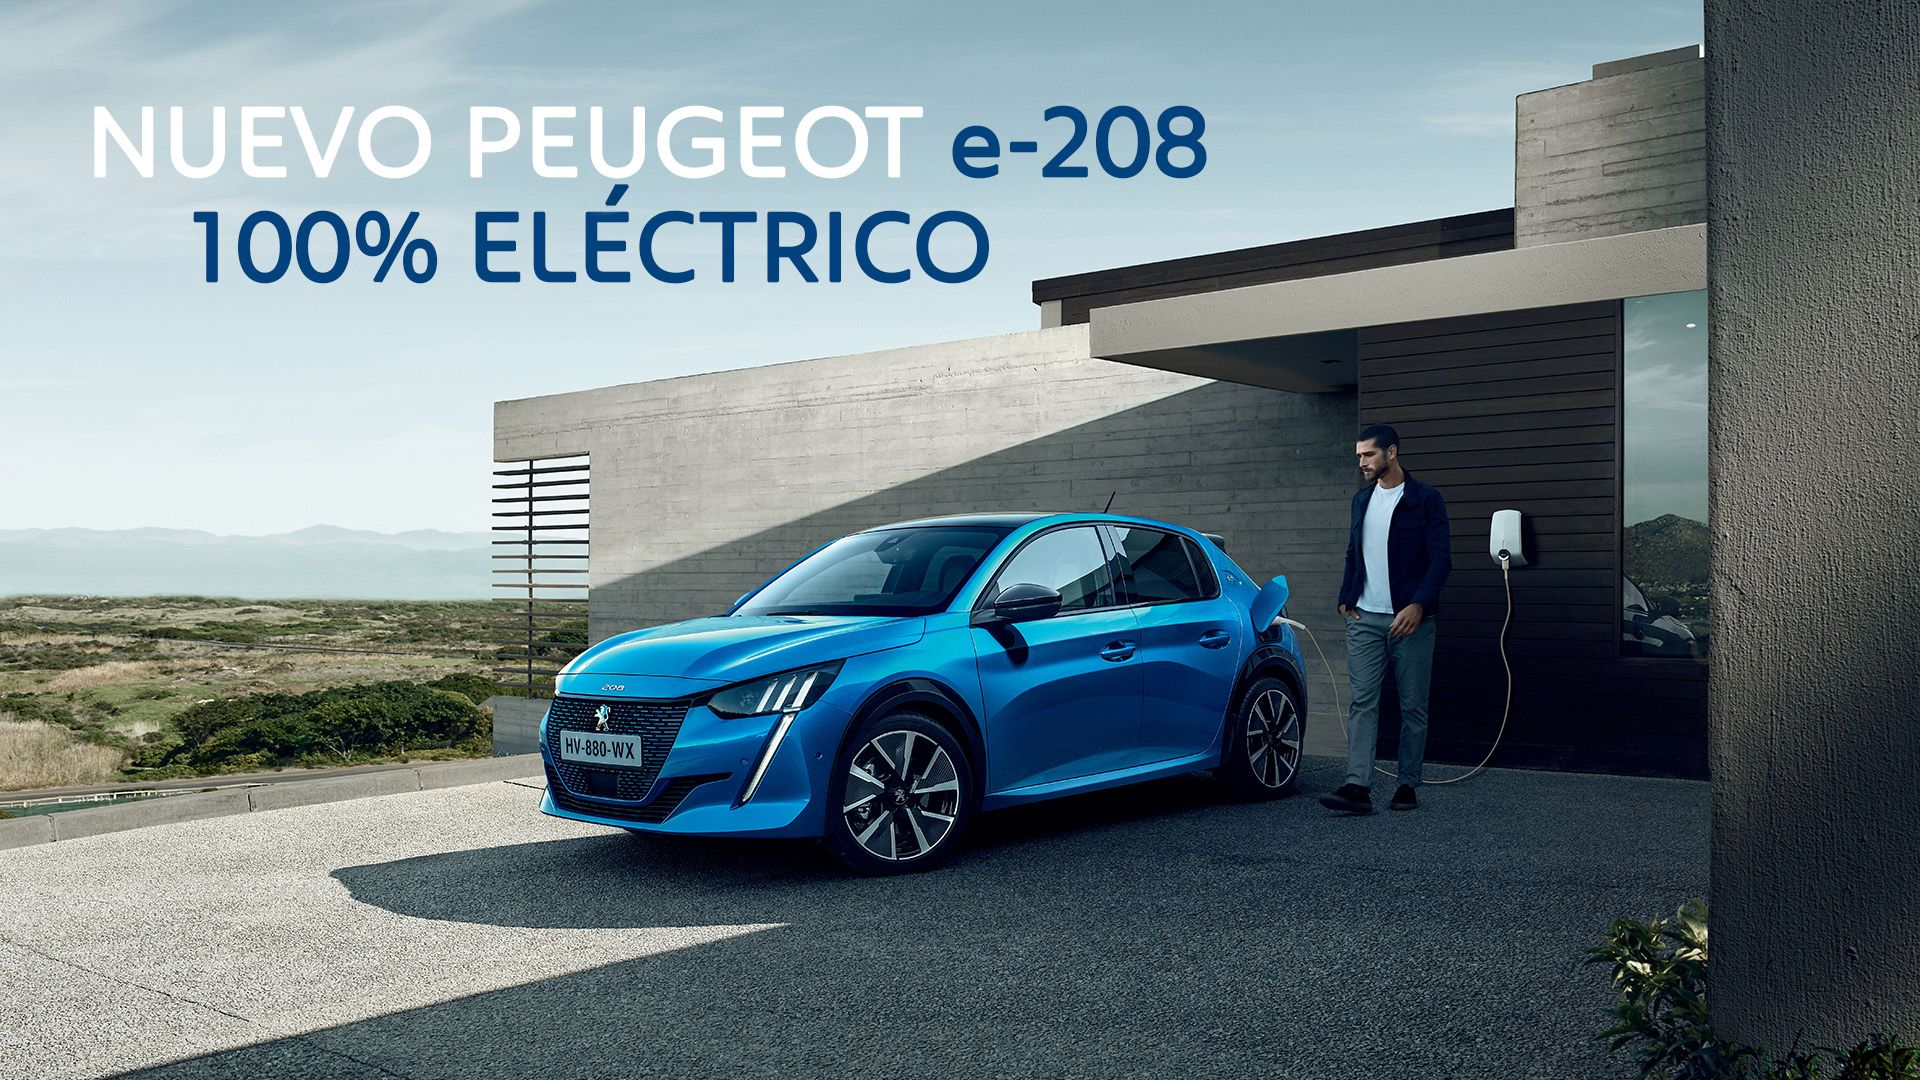 Conduce el nuevo Peugeot e-208 100% eléctrico por 250€/mes